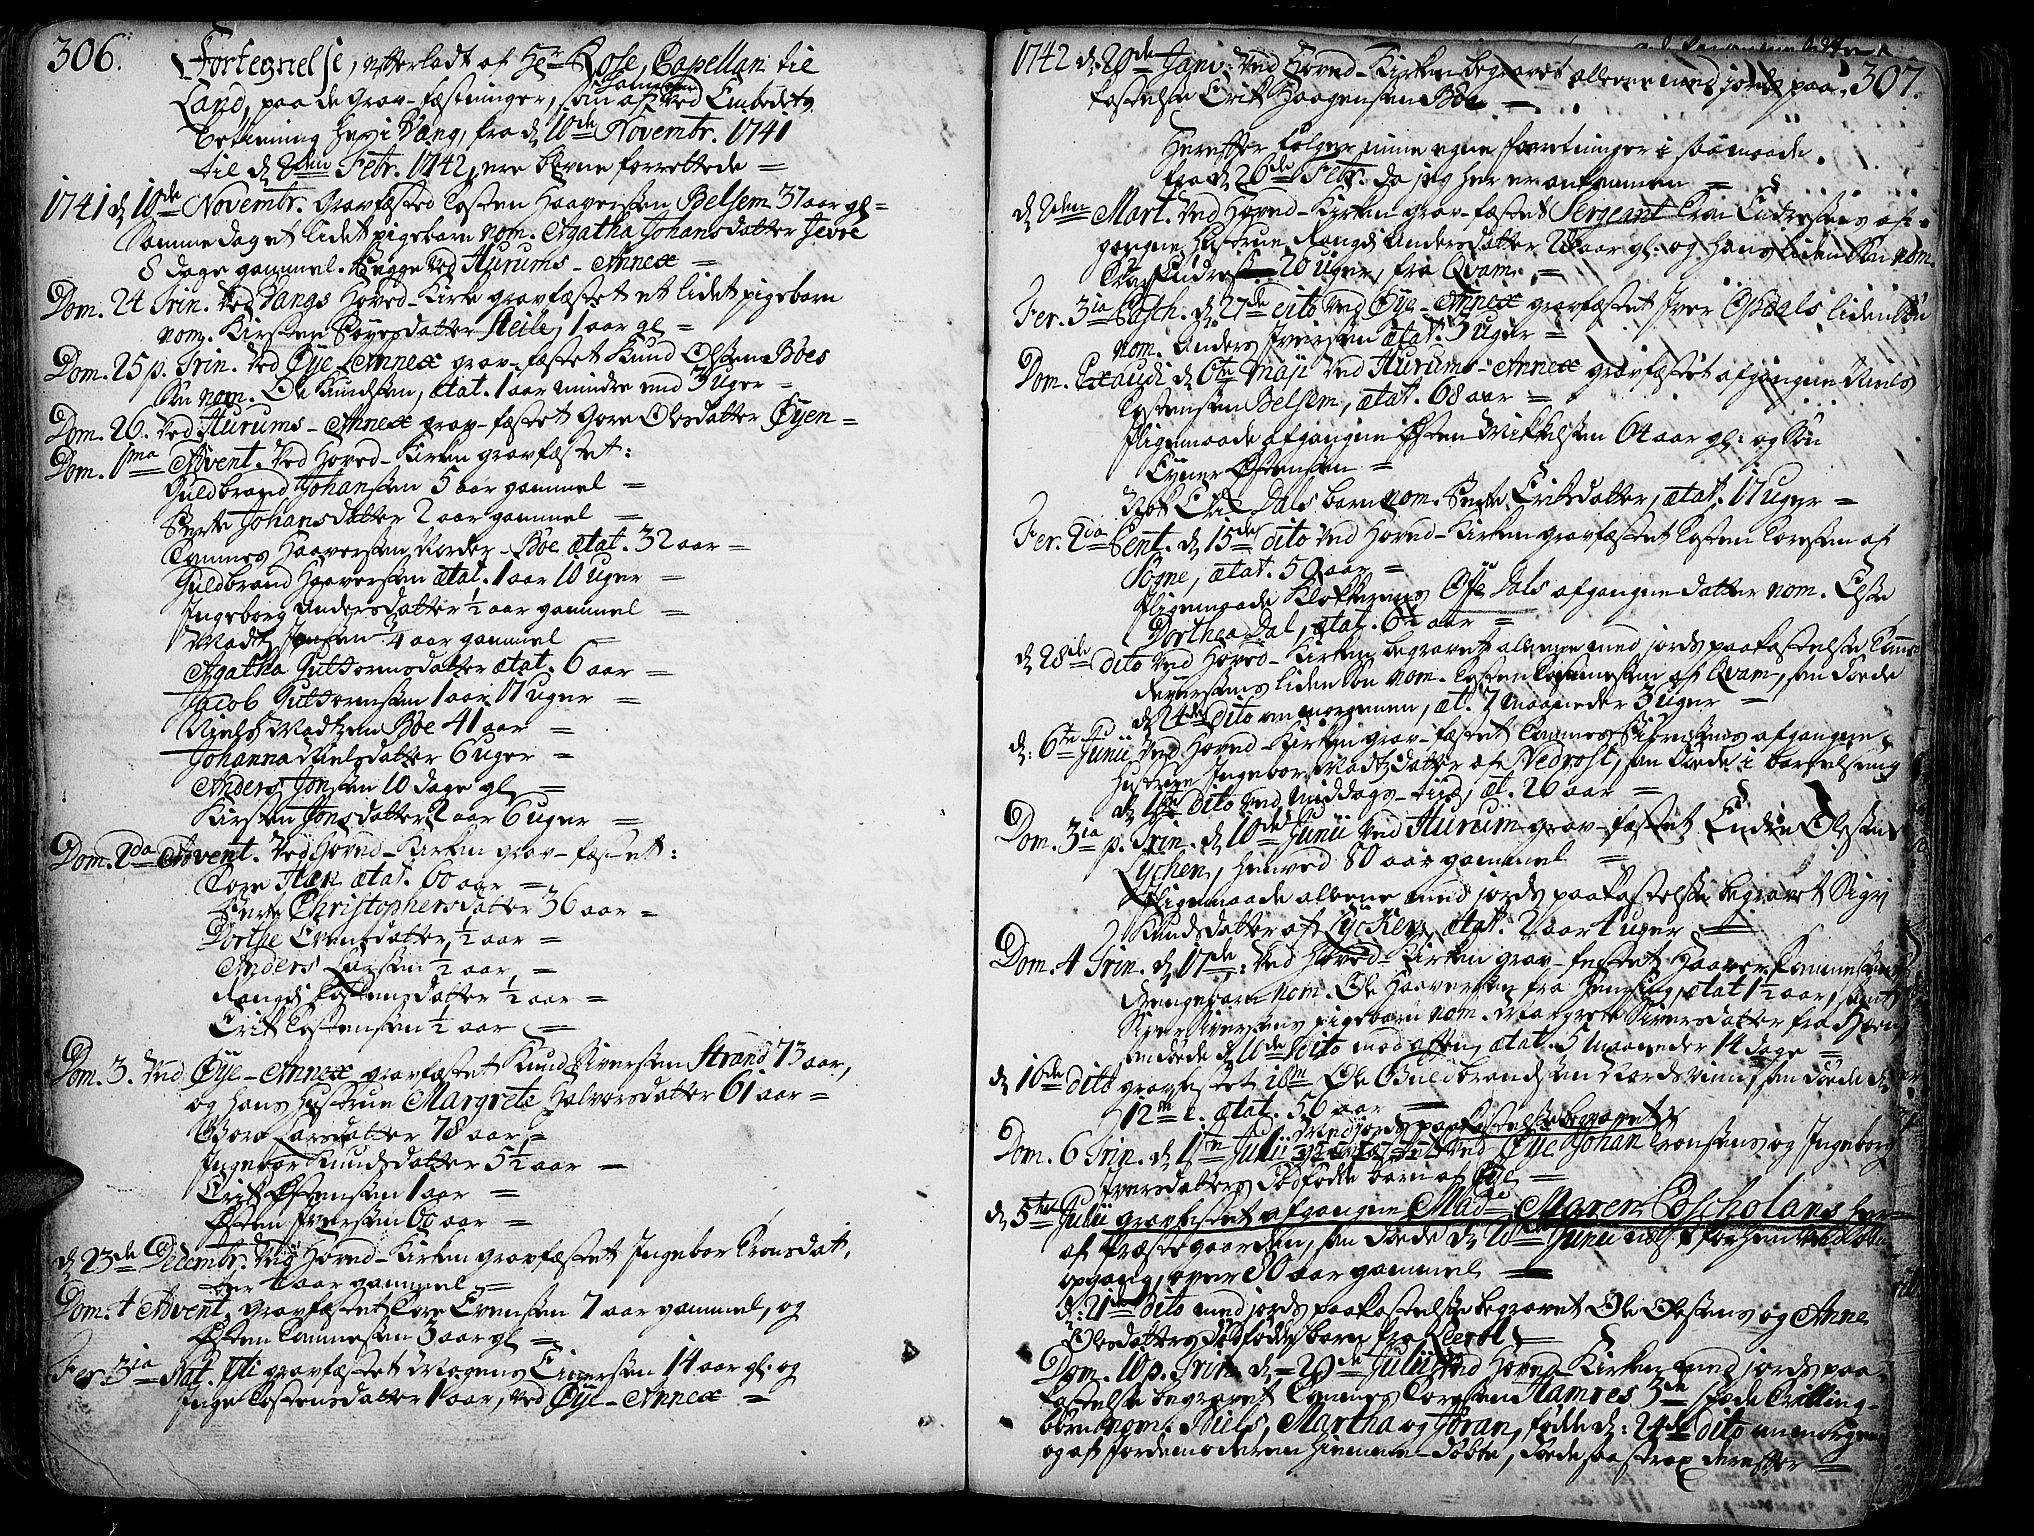 SAH, Vang prestekontor, Valdres, Ministerialbok nr. 1, 1730-1796, s. 306-307